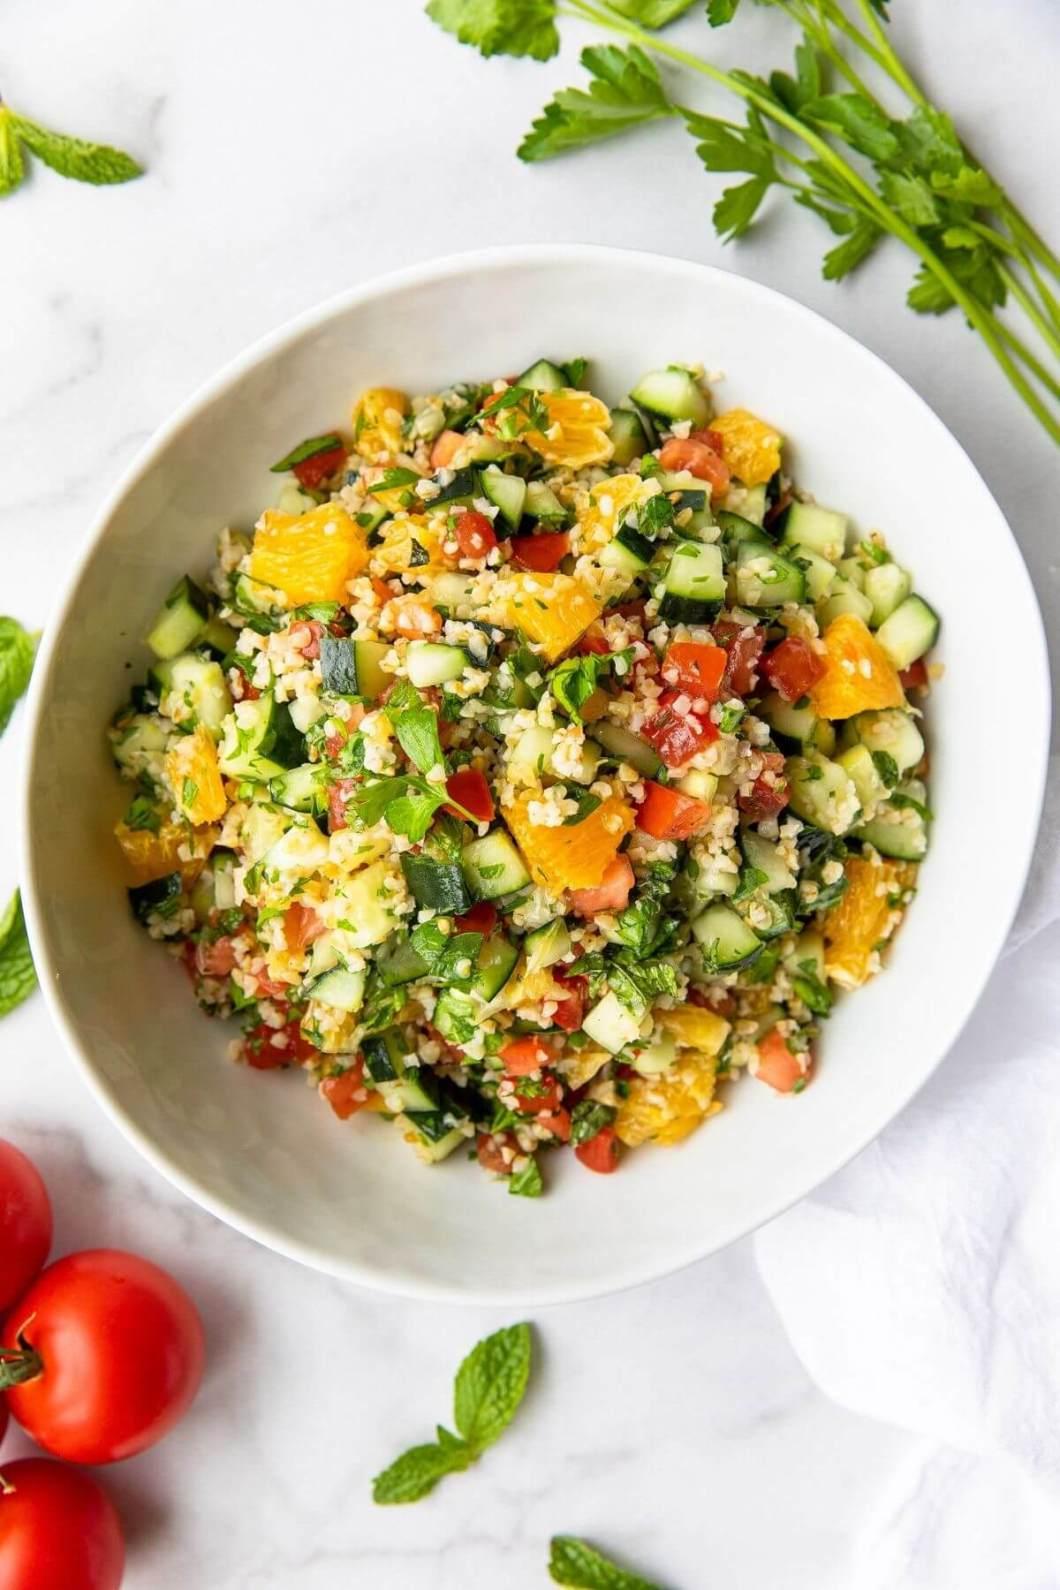 Healthy orange tabbouleh salad